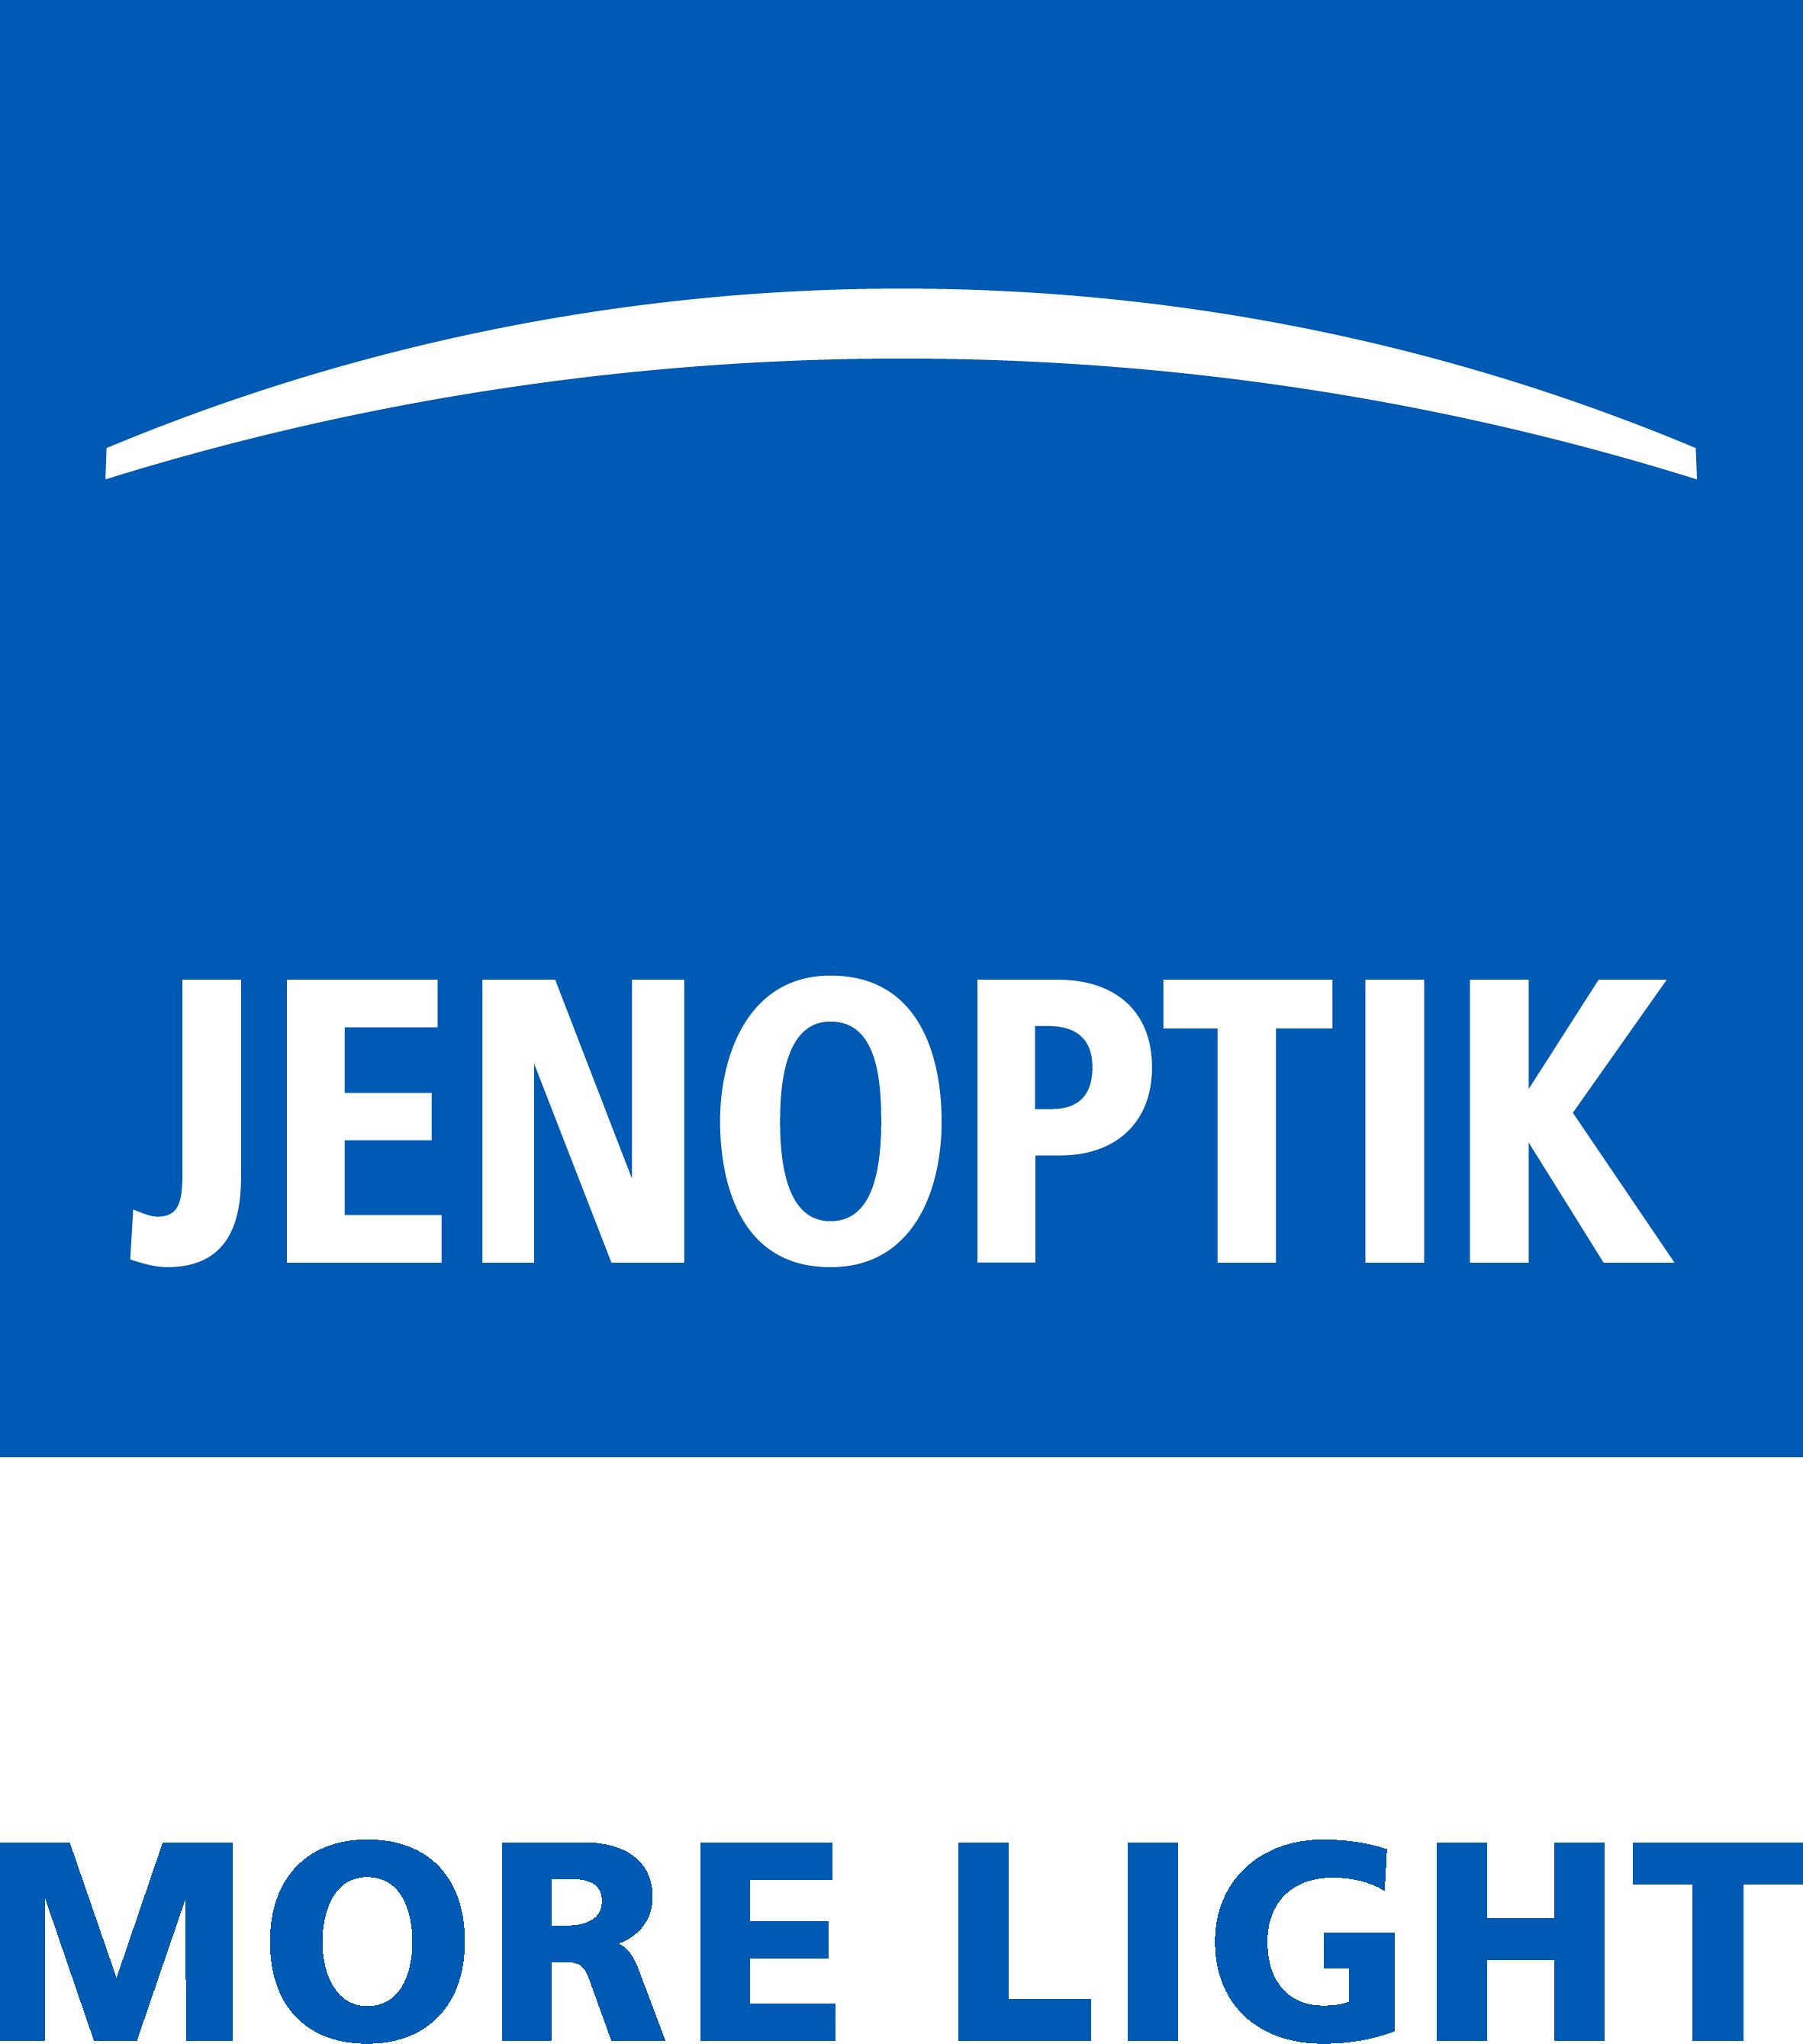 Jenoptik_Logo_Standalone_Claim_RGB